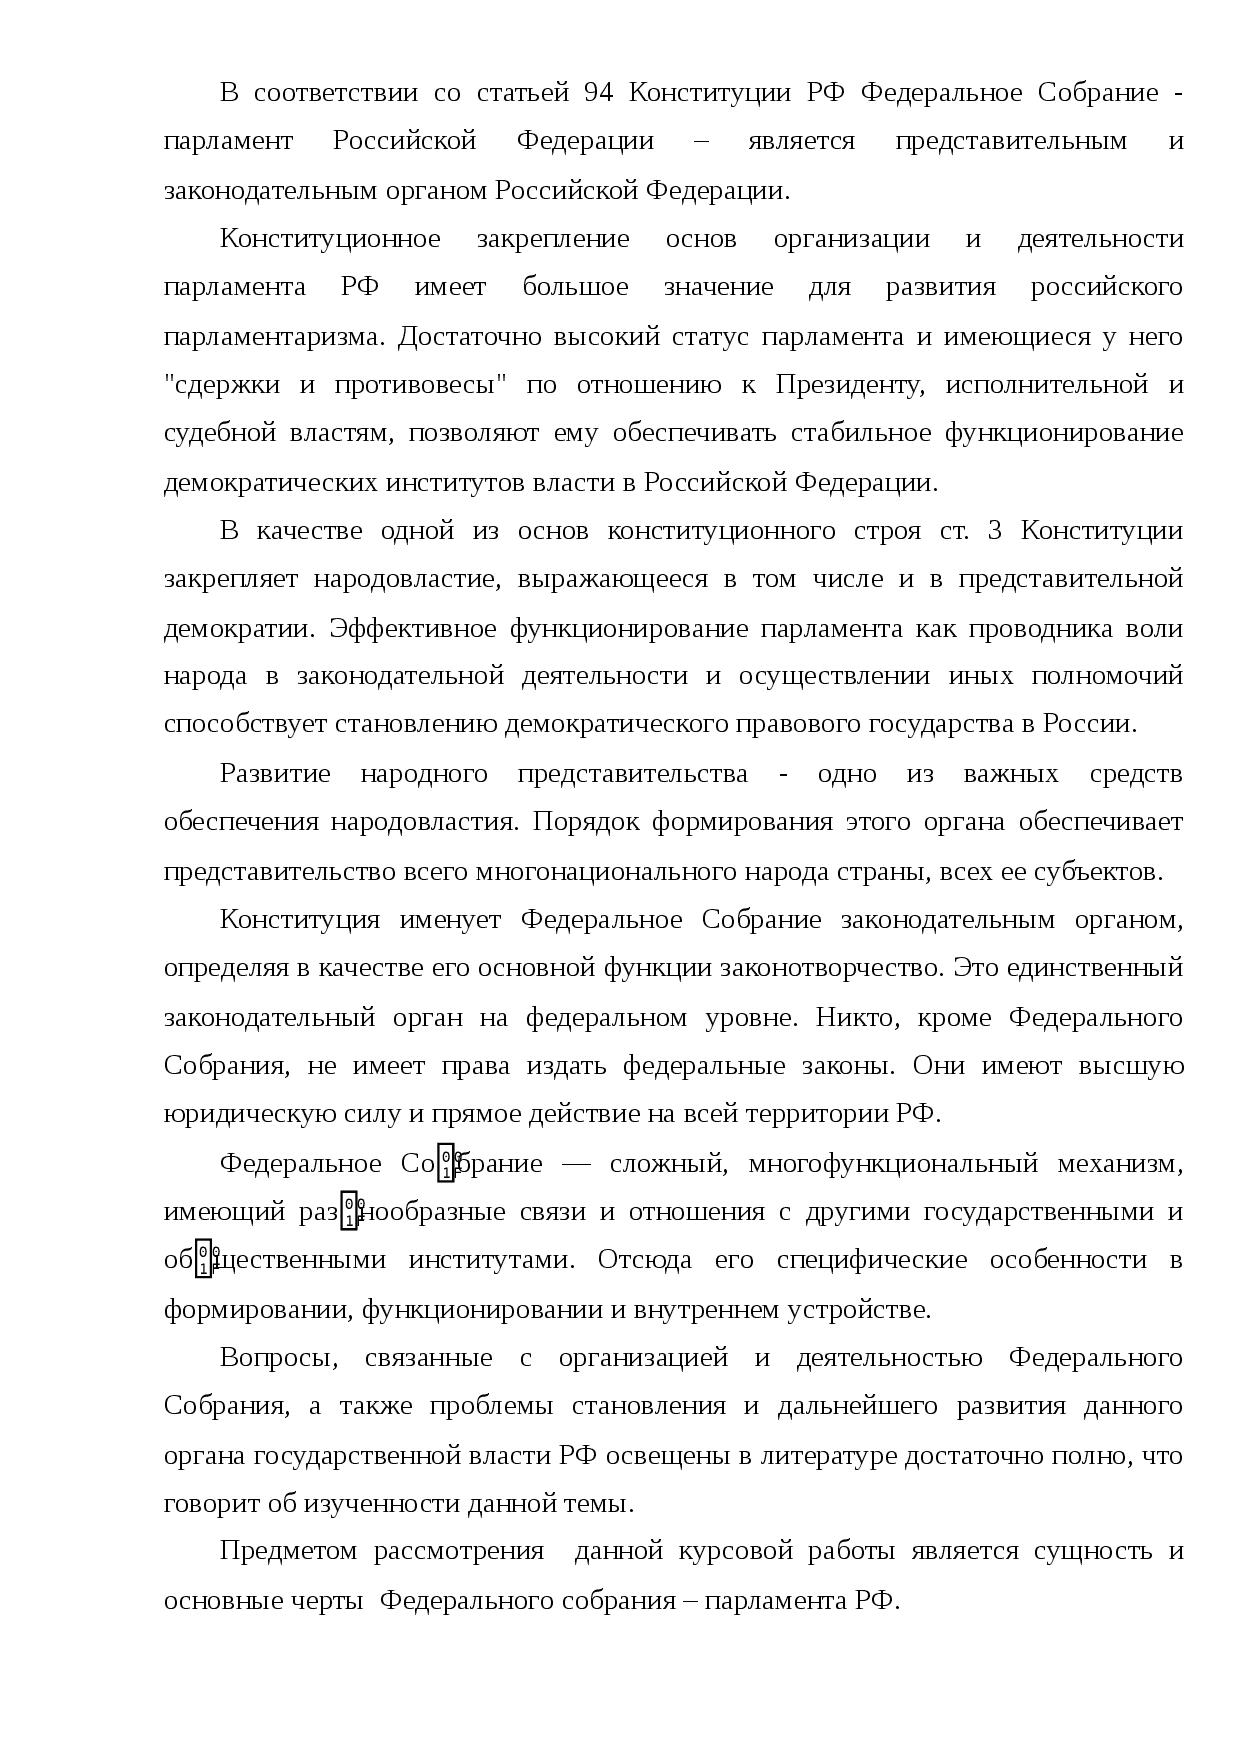 Глава 5. федеральное собрание | конституция российской федерации